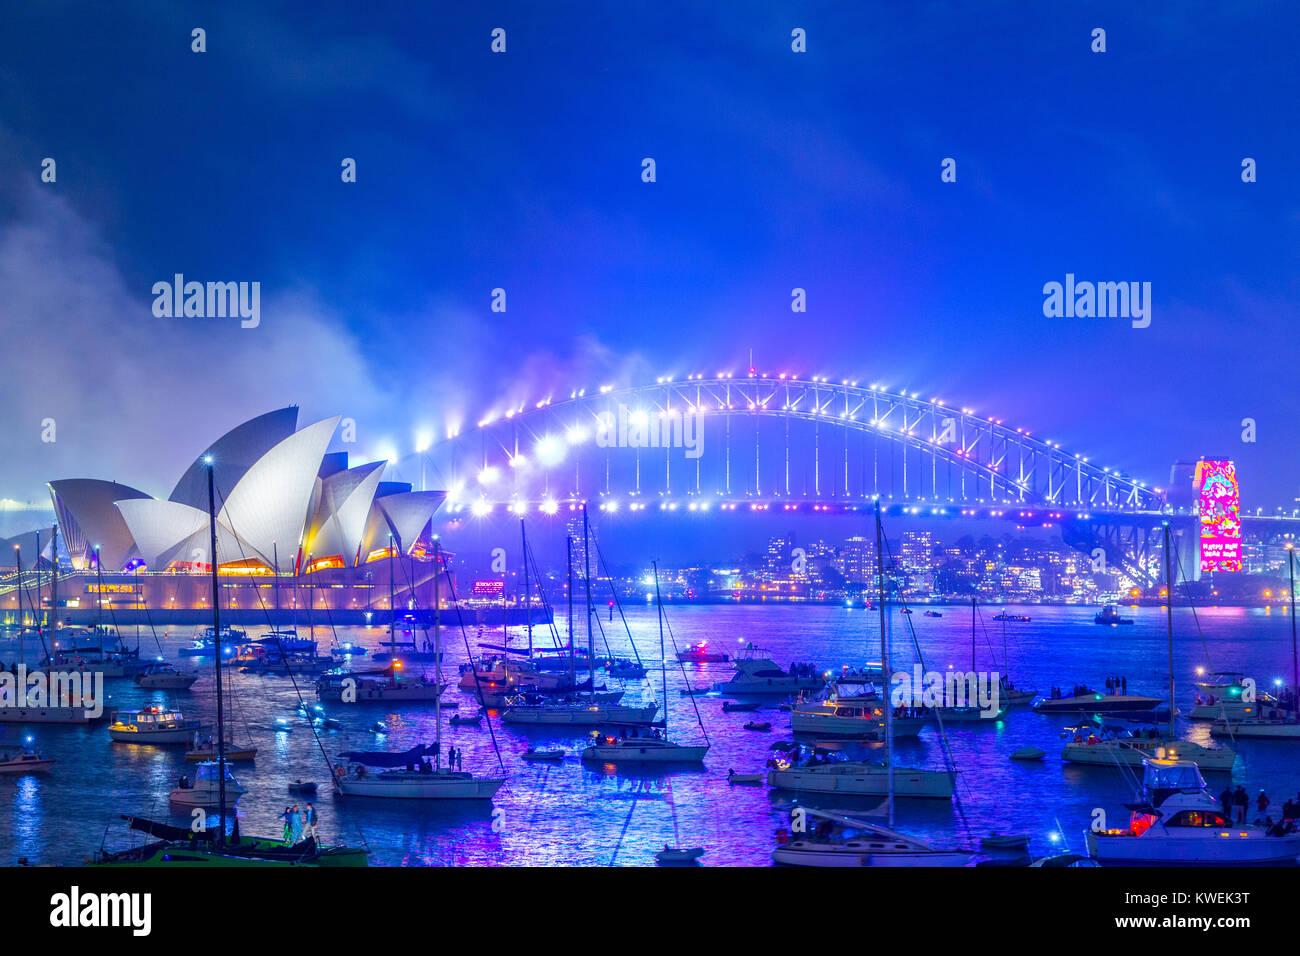 Australien feiert die Ankunft des 2018 mit Silvester Feuerwerk im Hafen von Sydney. Die beliebte jährliche Stockbild